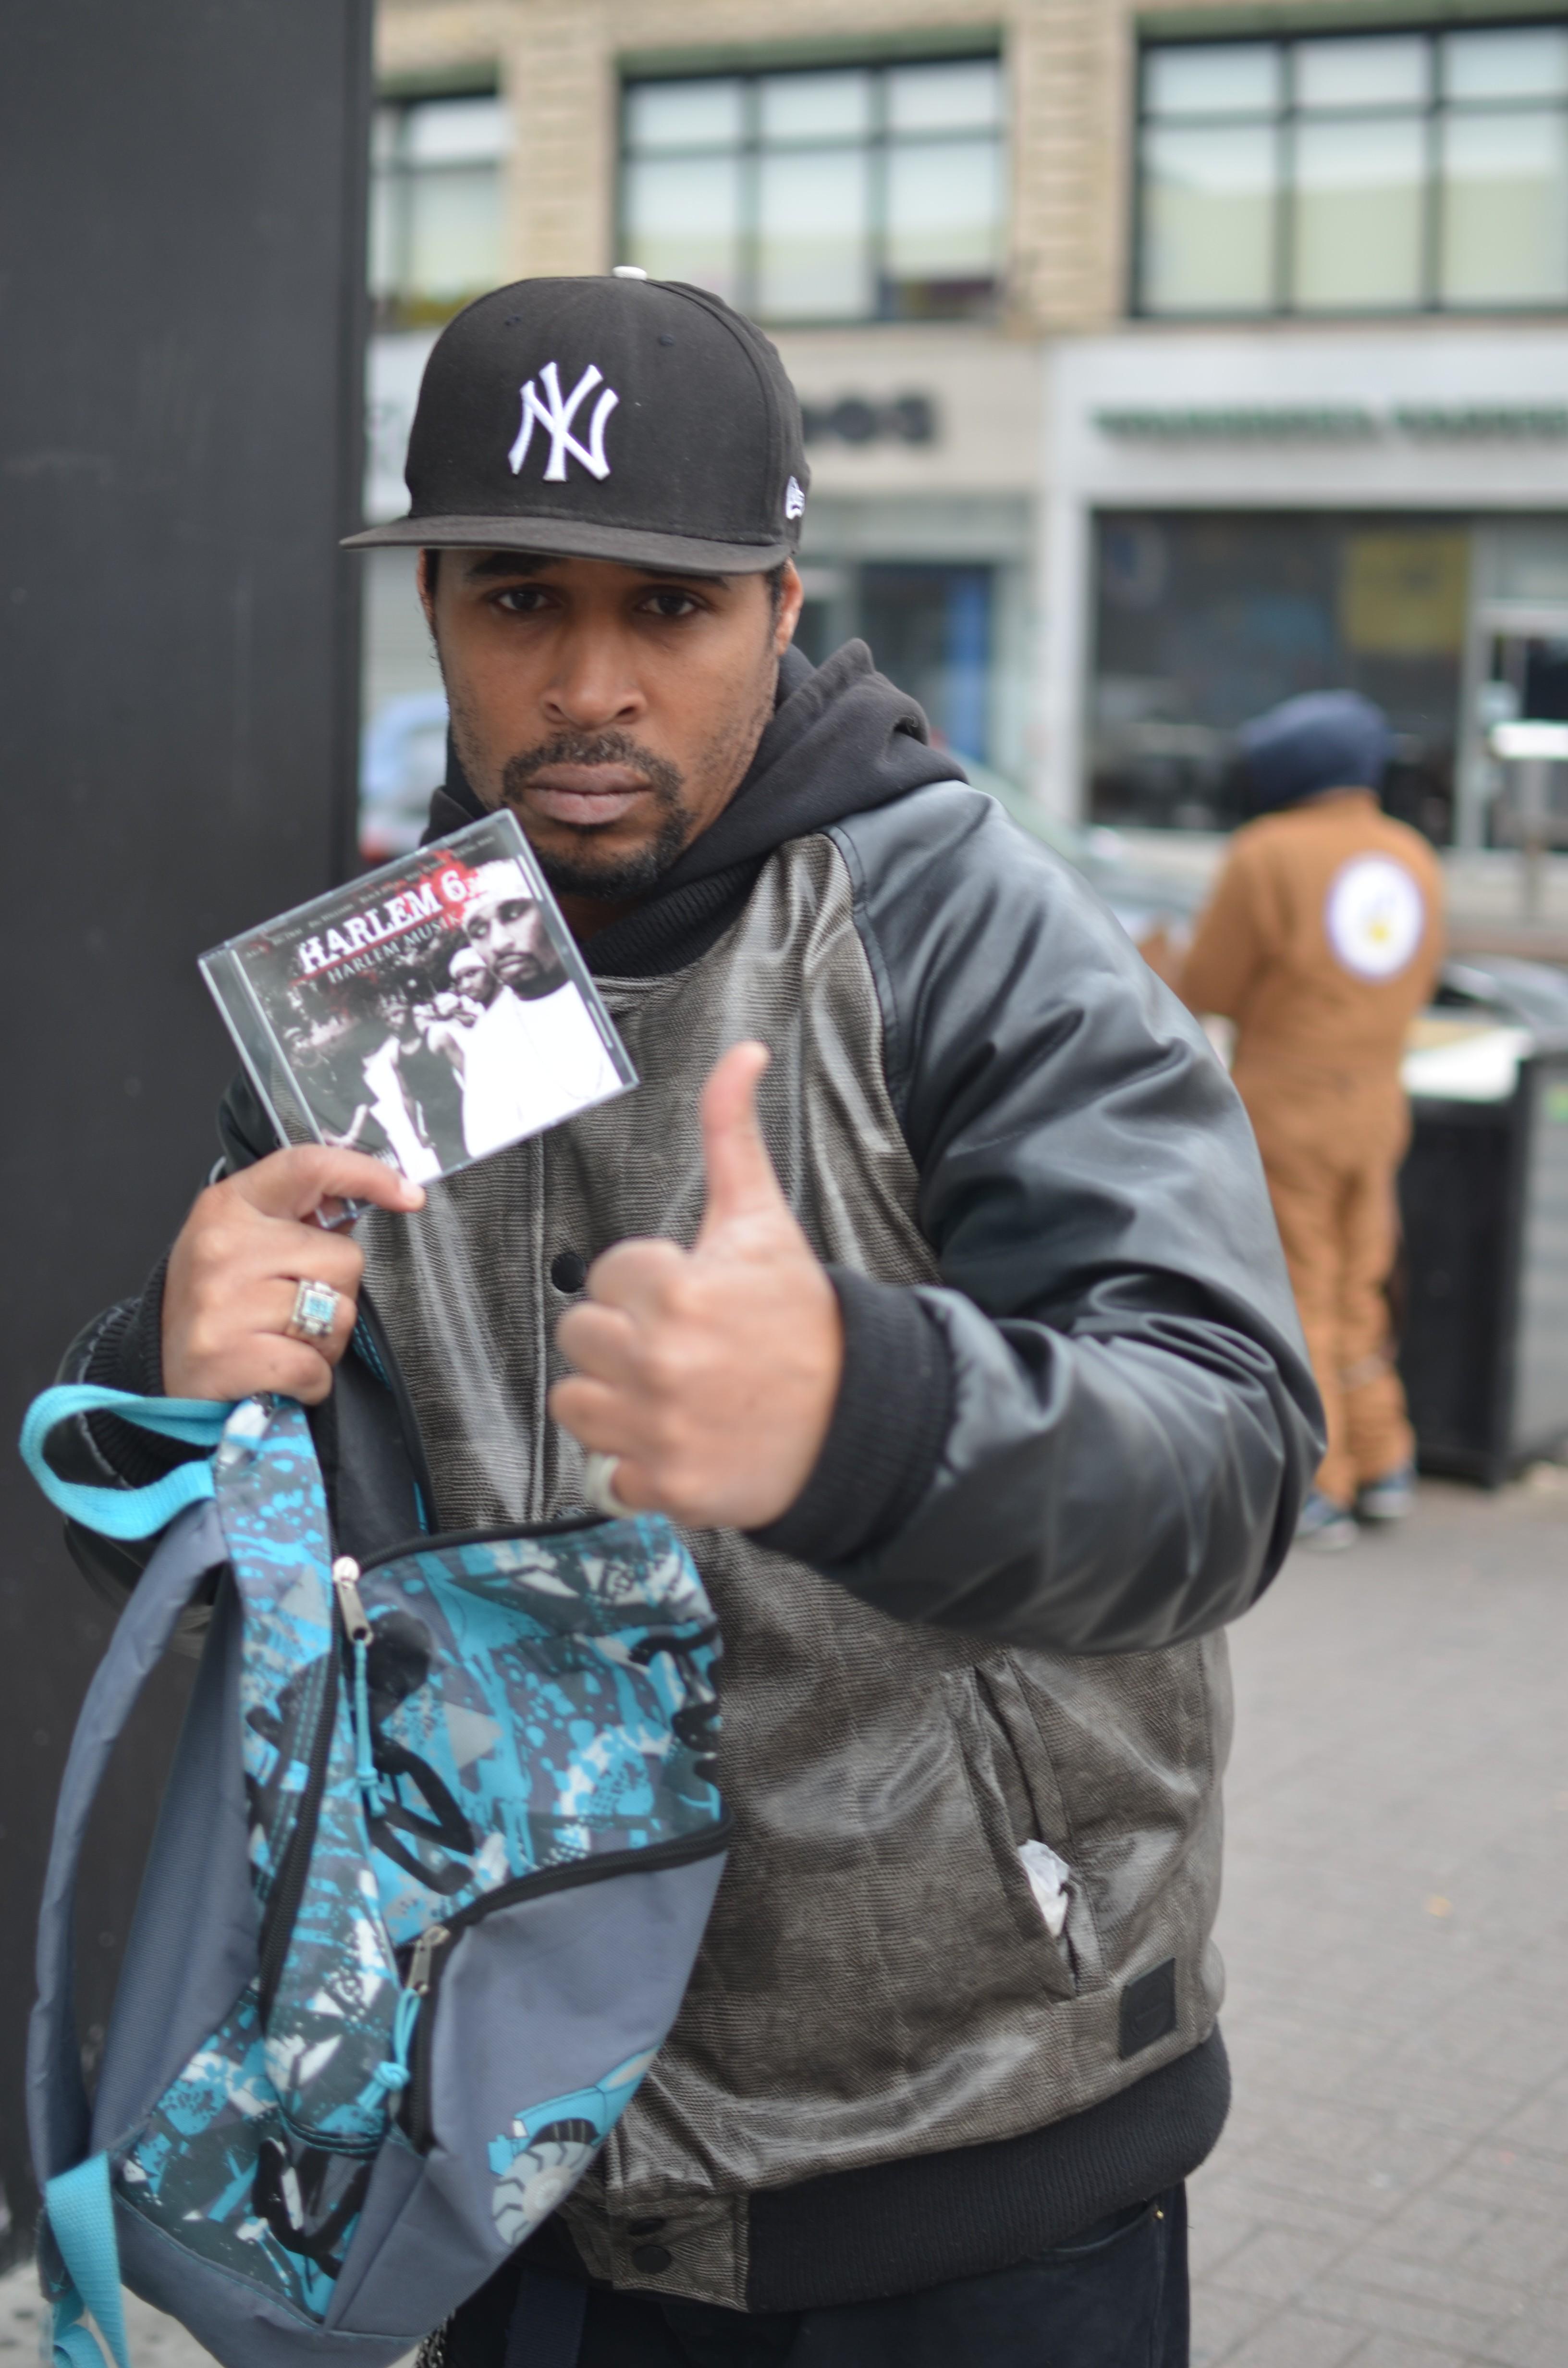 CD vendor